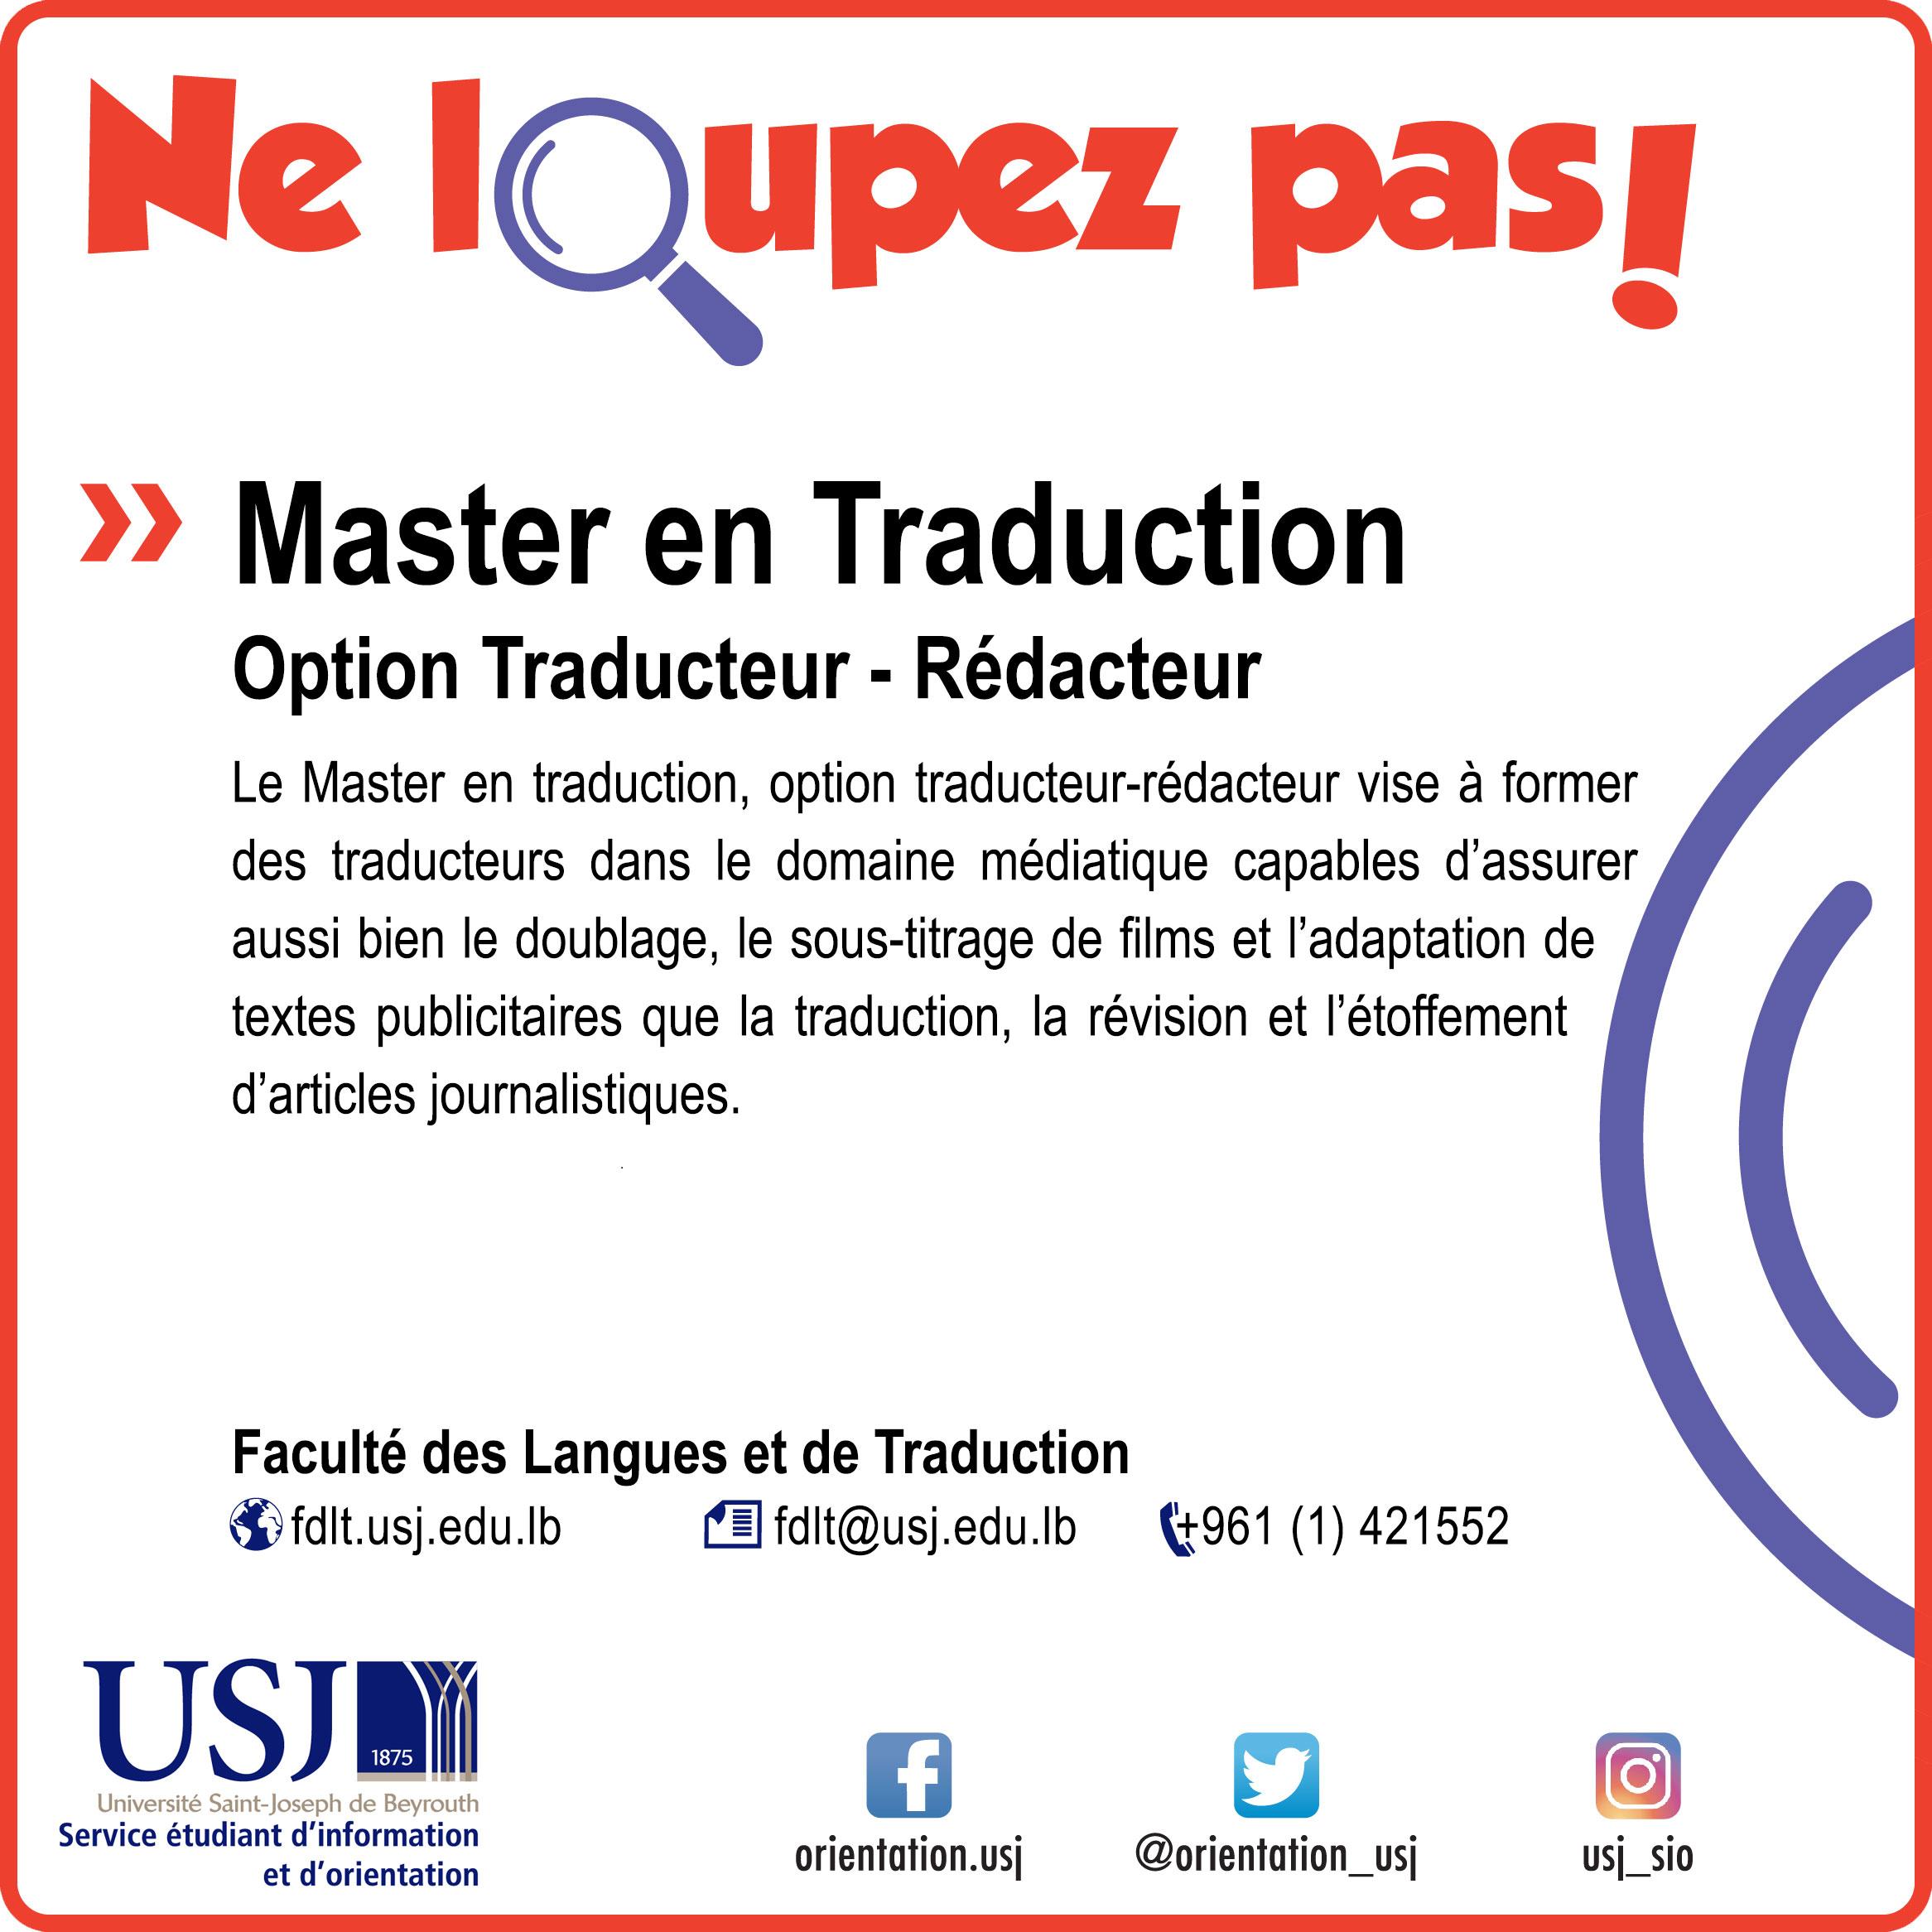 Master en Traduction-Option Traducteur-Rédacteur